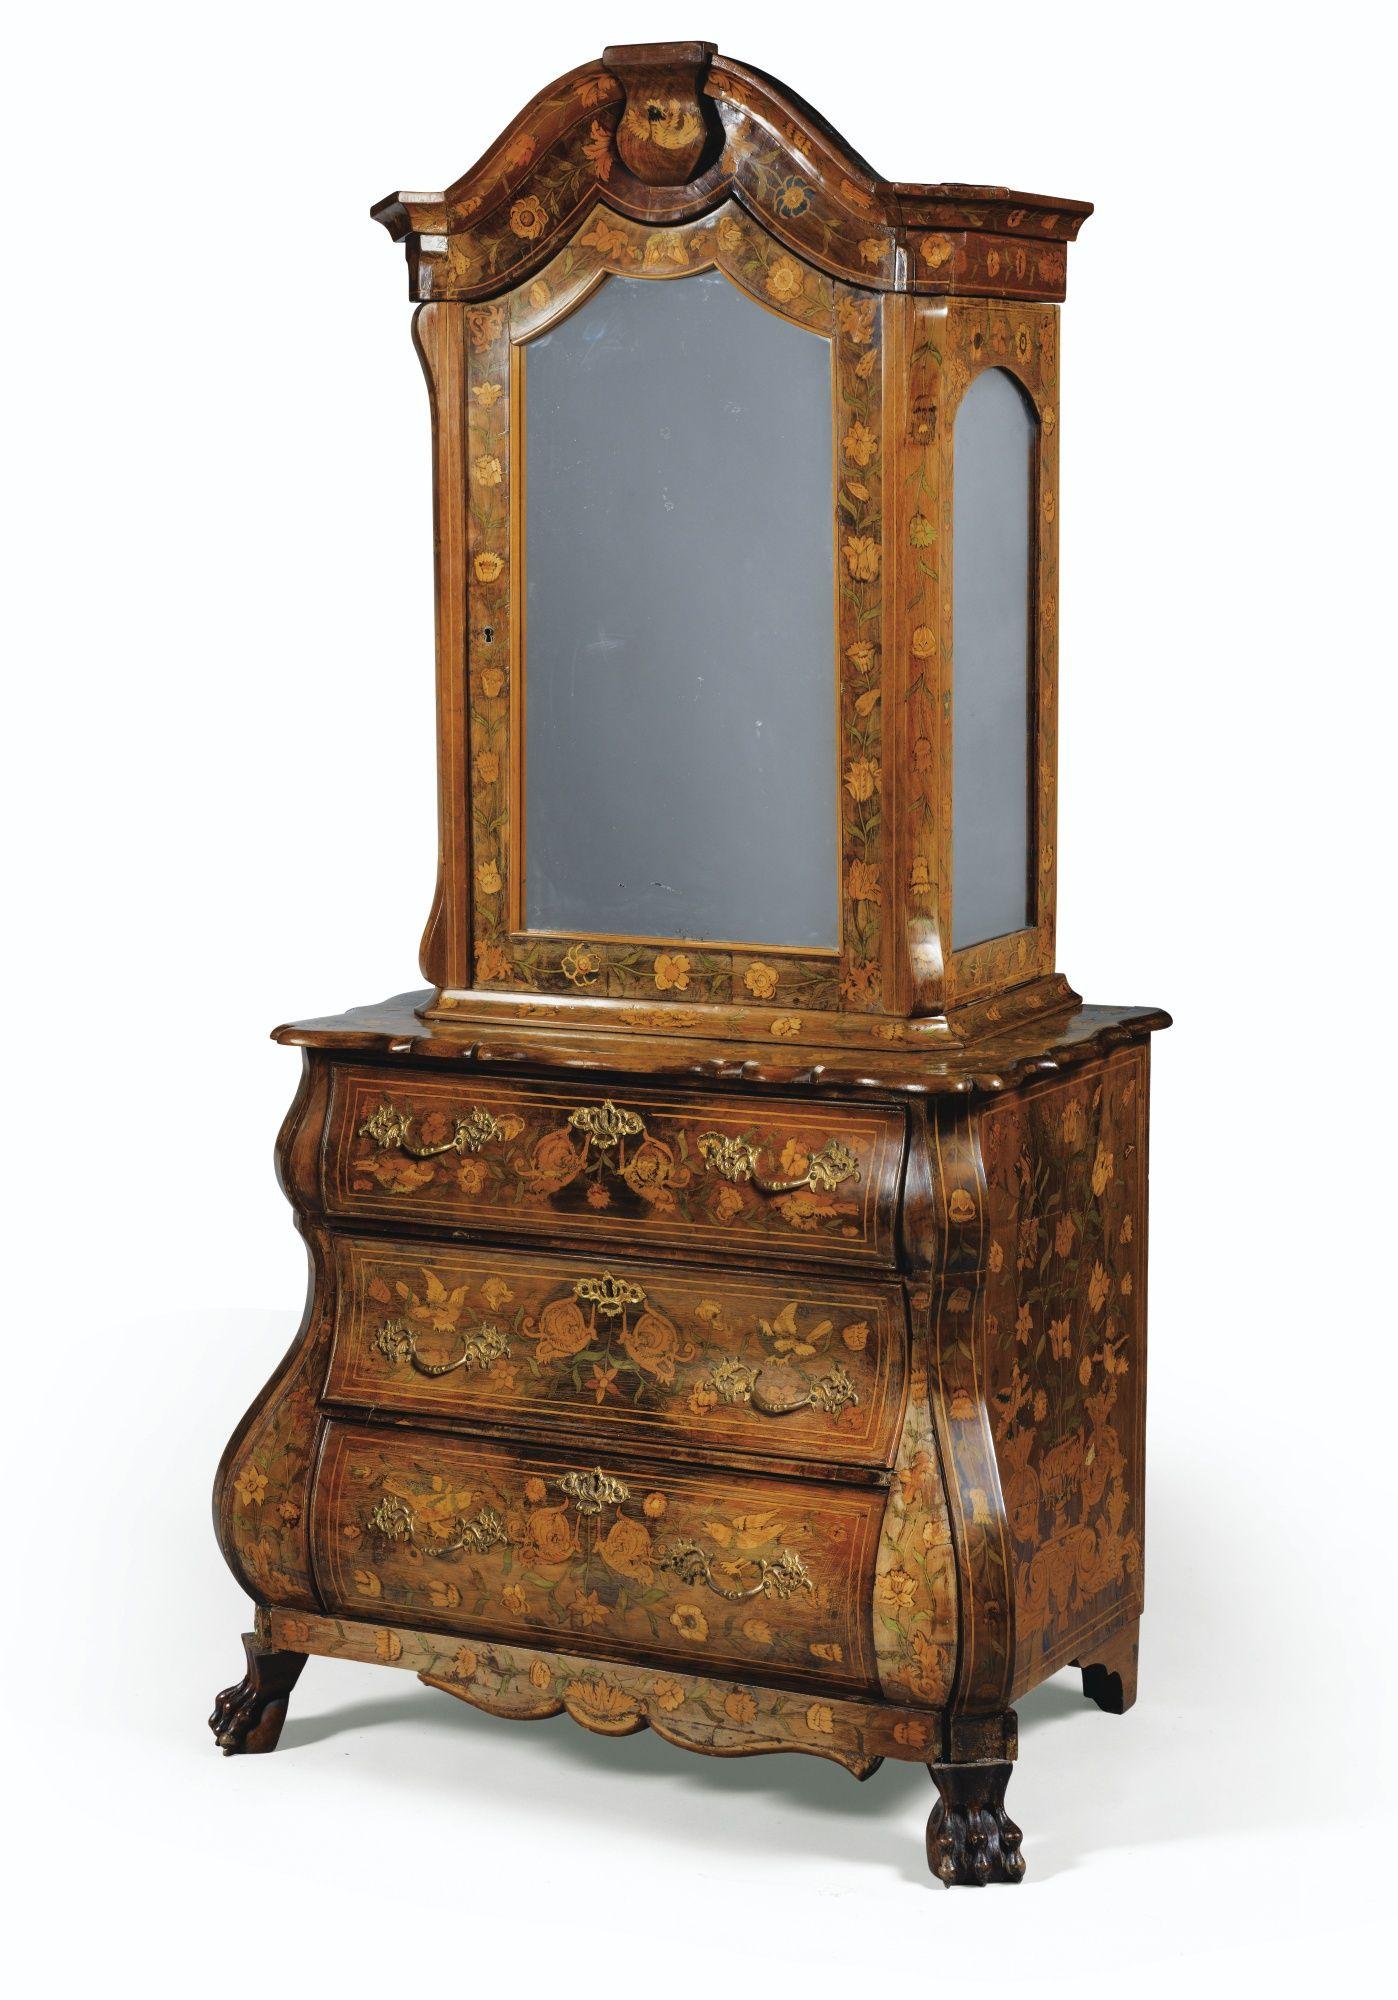 A Dutch Flower Marquetry Cabinet 18th Century Avec Images Meuble Bois Antique Mobilier